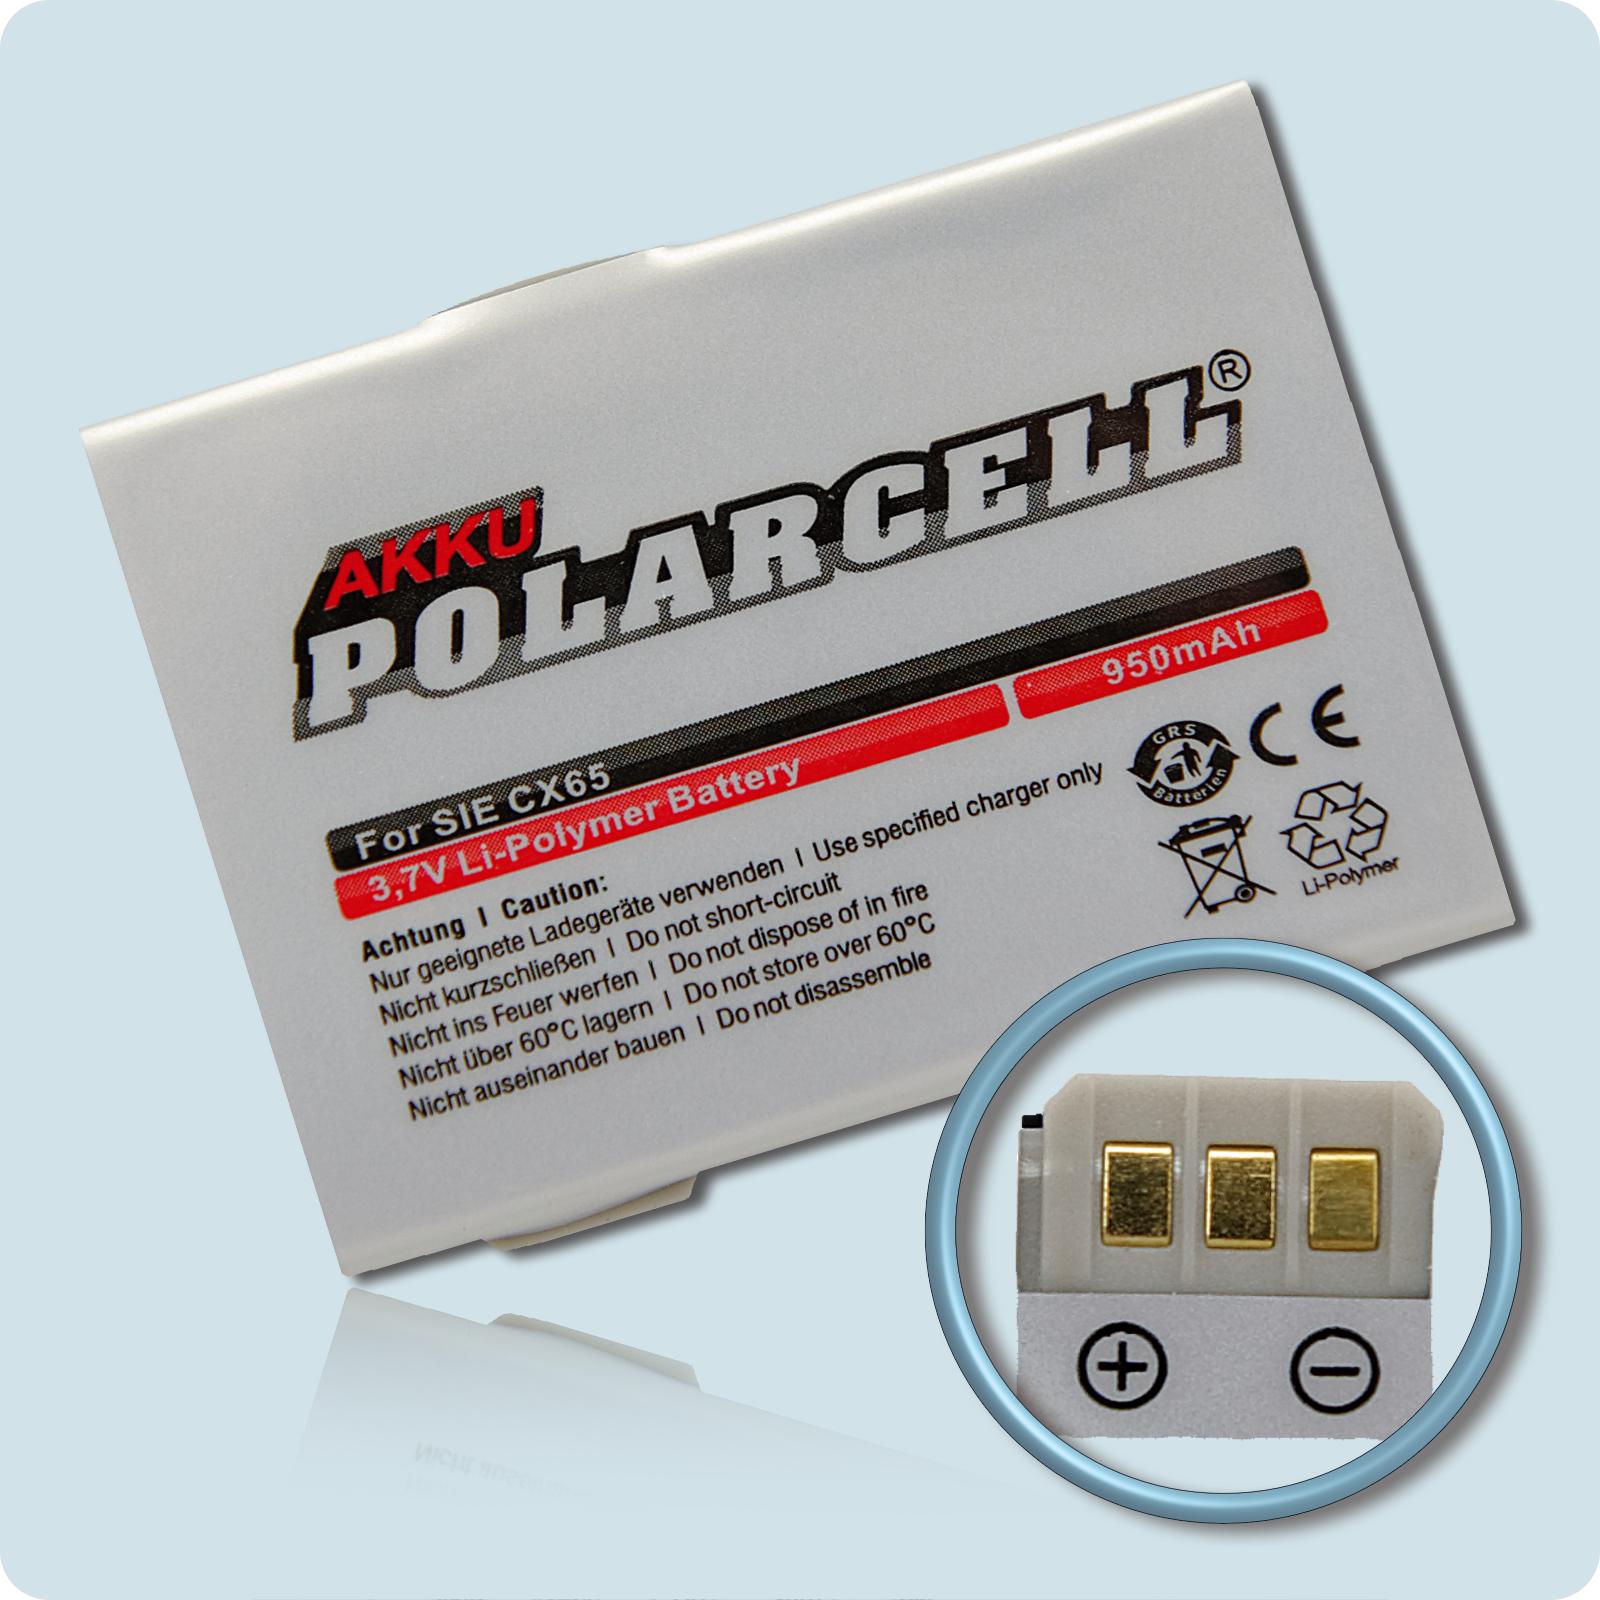 PolarCell® Hochleistungsakku für Siemens CX65, ersetzt Originalakku  EBA-670